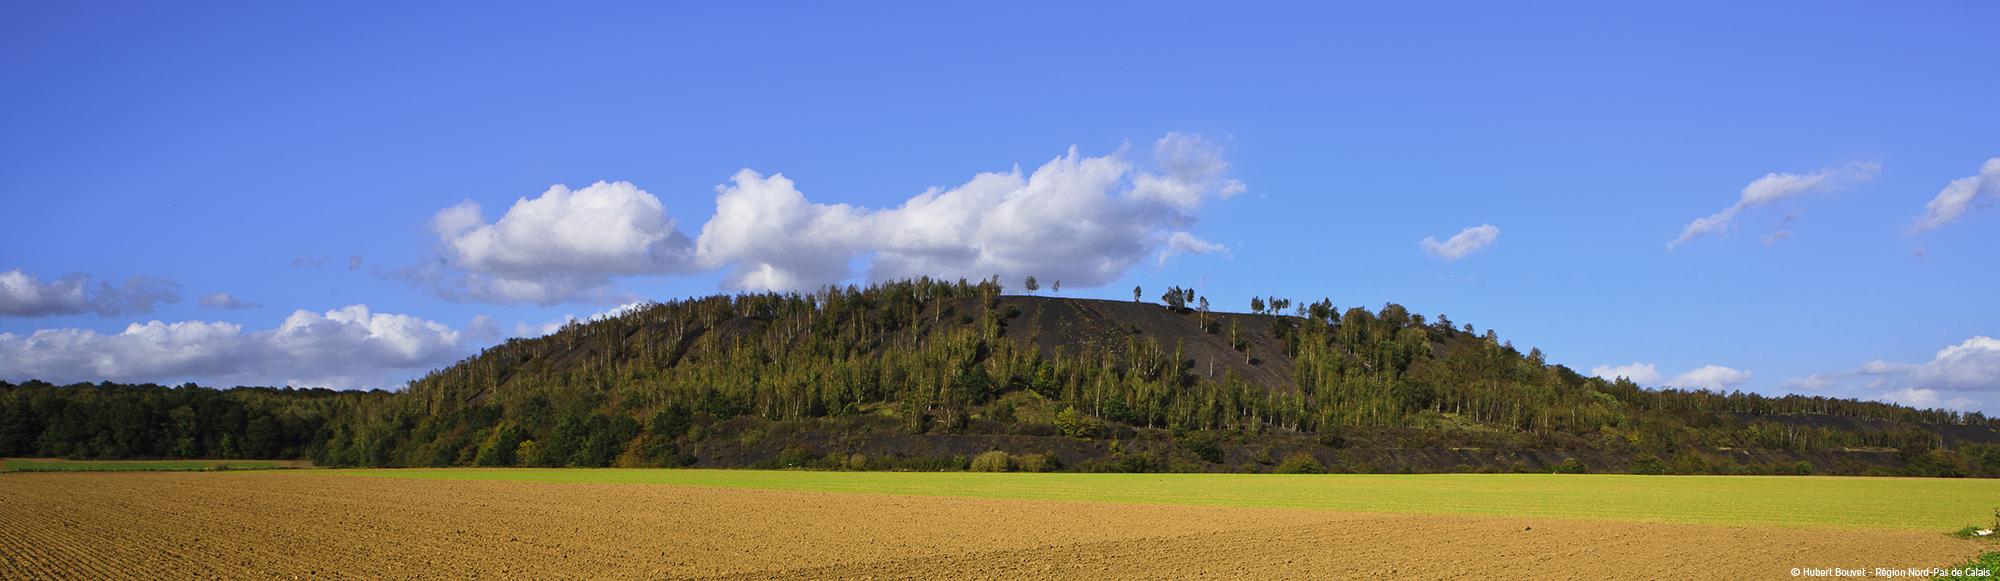 Terril de Pinchonvalle © 2012, Hubert Bouvet, Région Nord-Pas de Calais